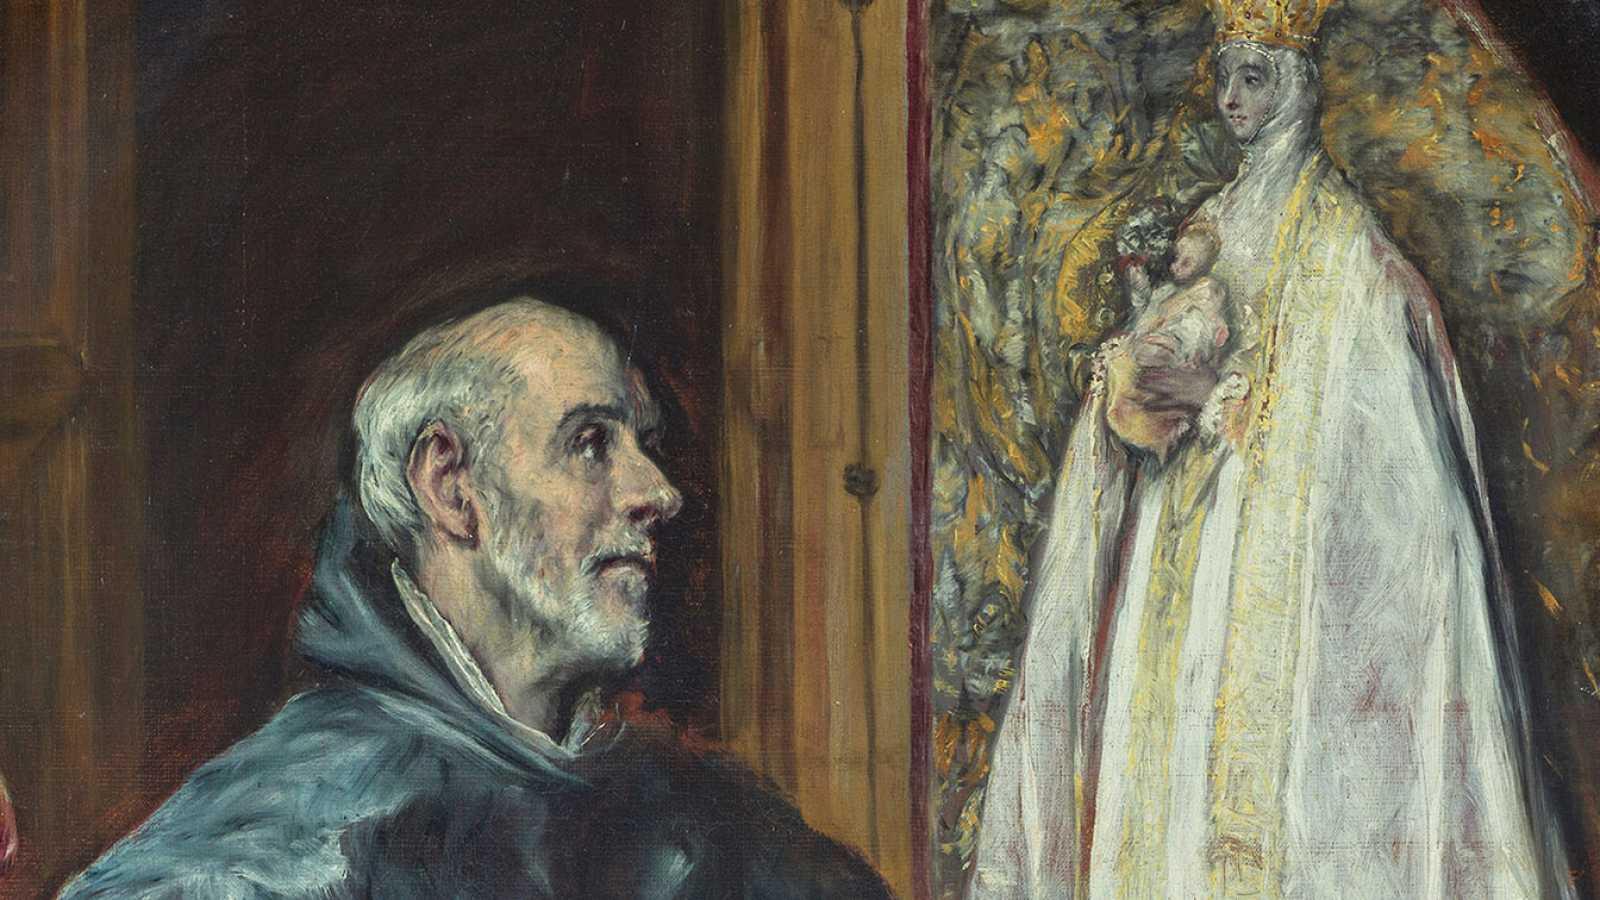 Punto de enlace - La muestra 'El Greco de Illescas', en el Museo del Prado - Escuchar ahora